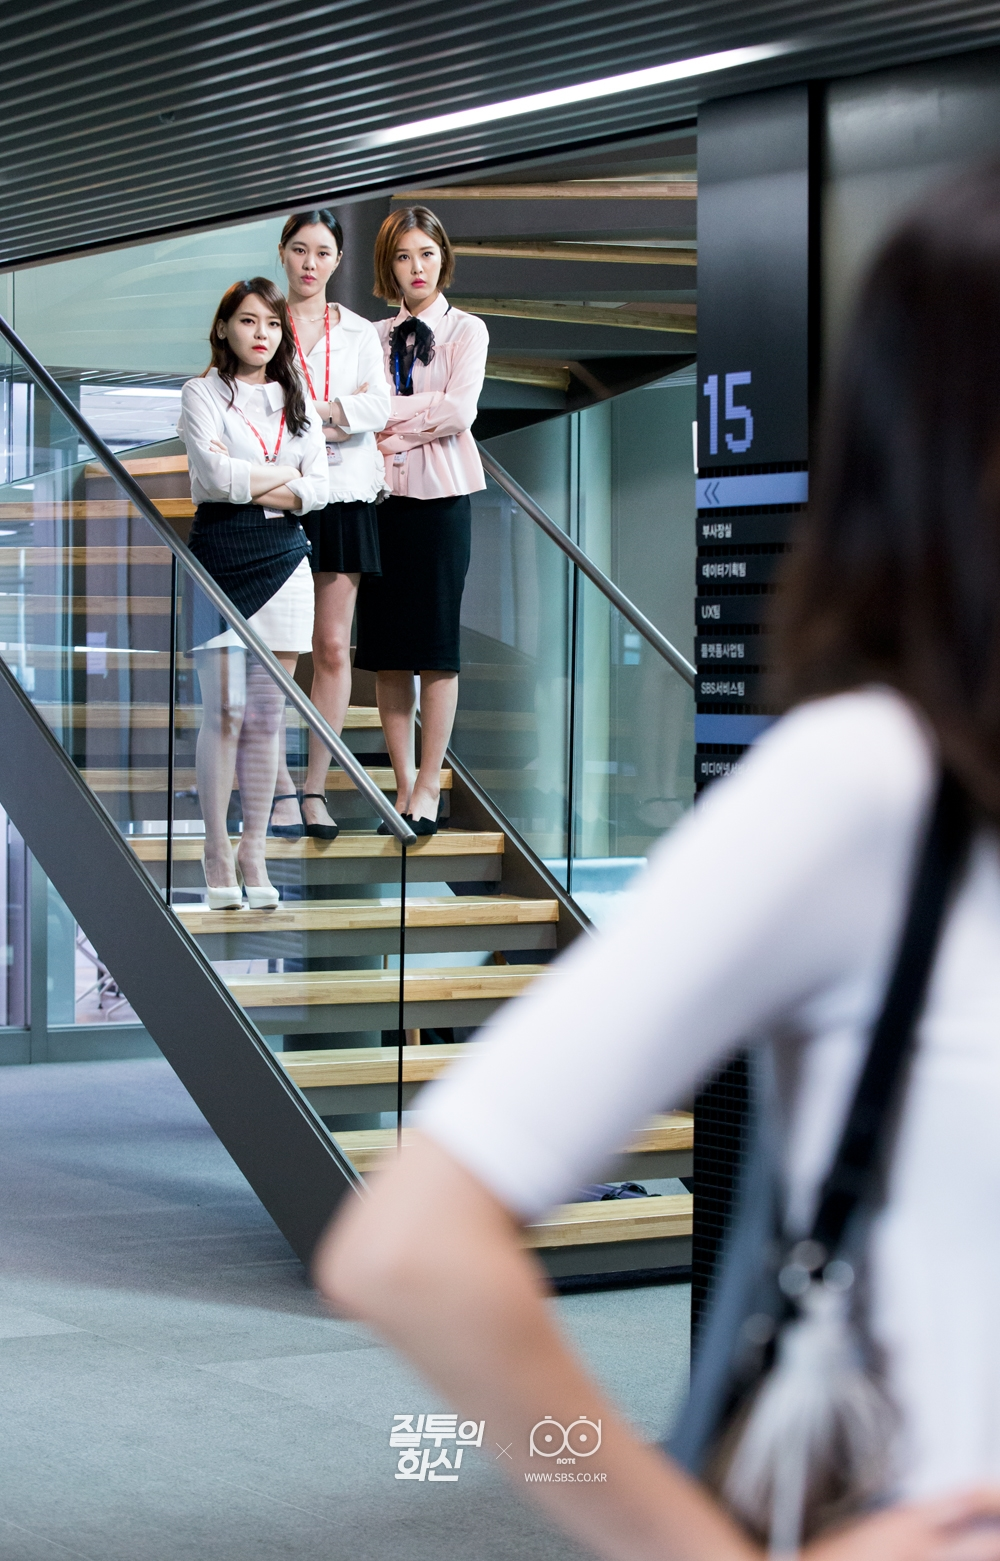 함께 있는 나리(공효진)와 화신(조정석)의 모습을 지켜보는 박은지, 서유리, 김예원